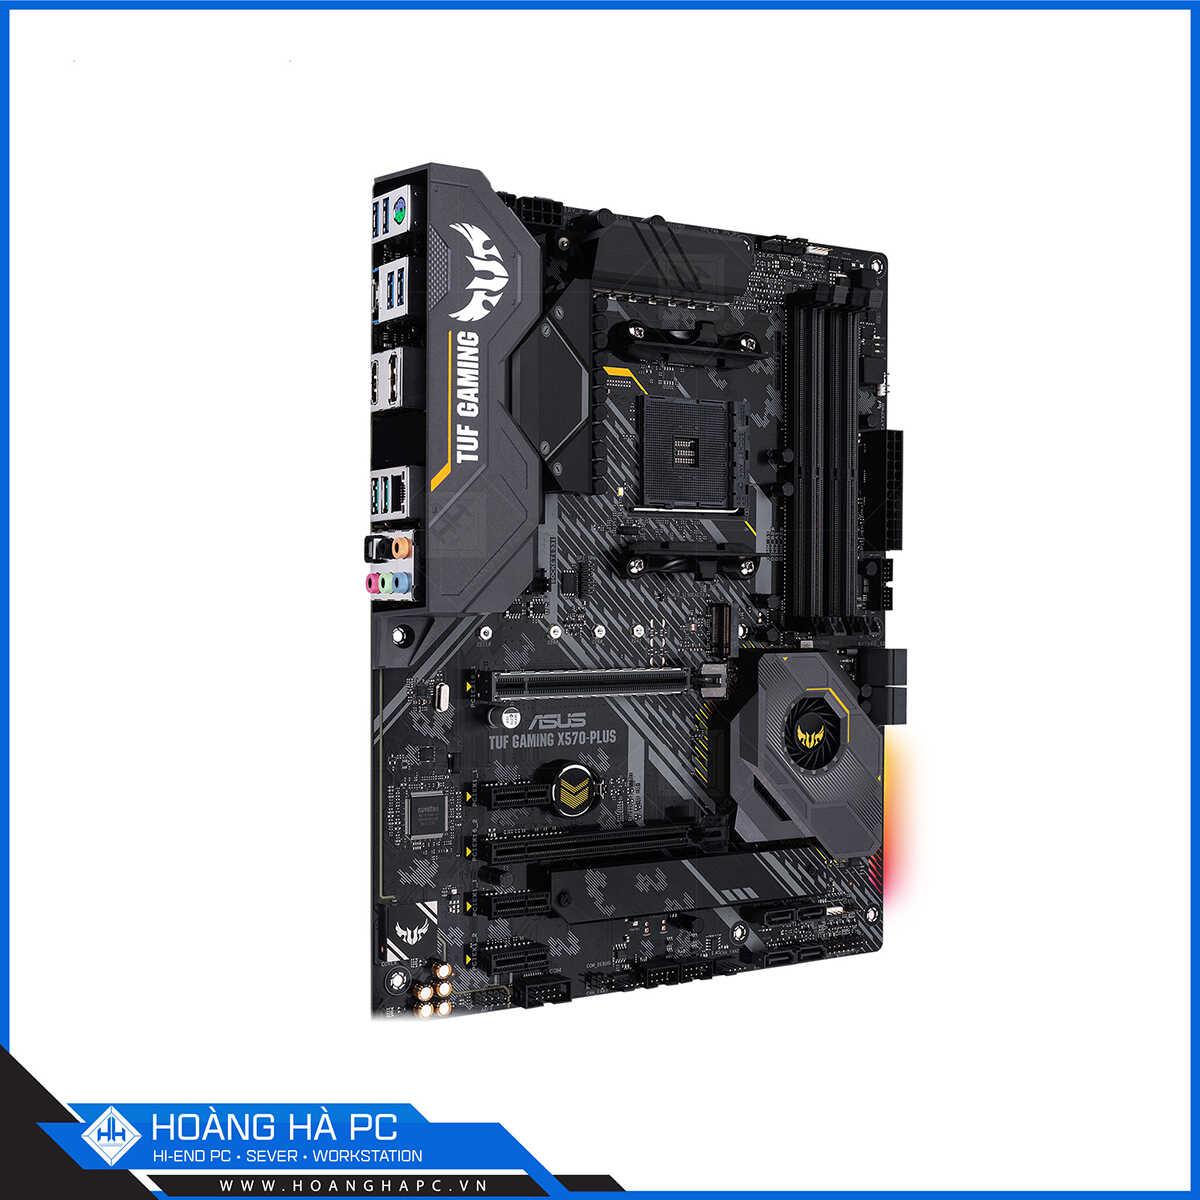 Những tính năng nền tảng hấp dẫn của Mainboard AMD X570